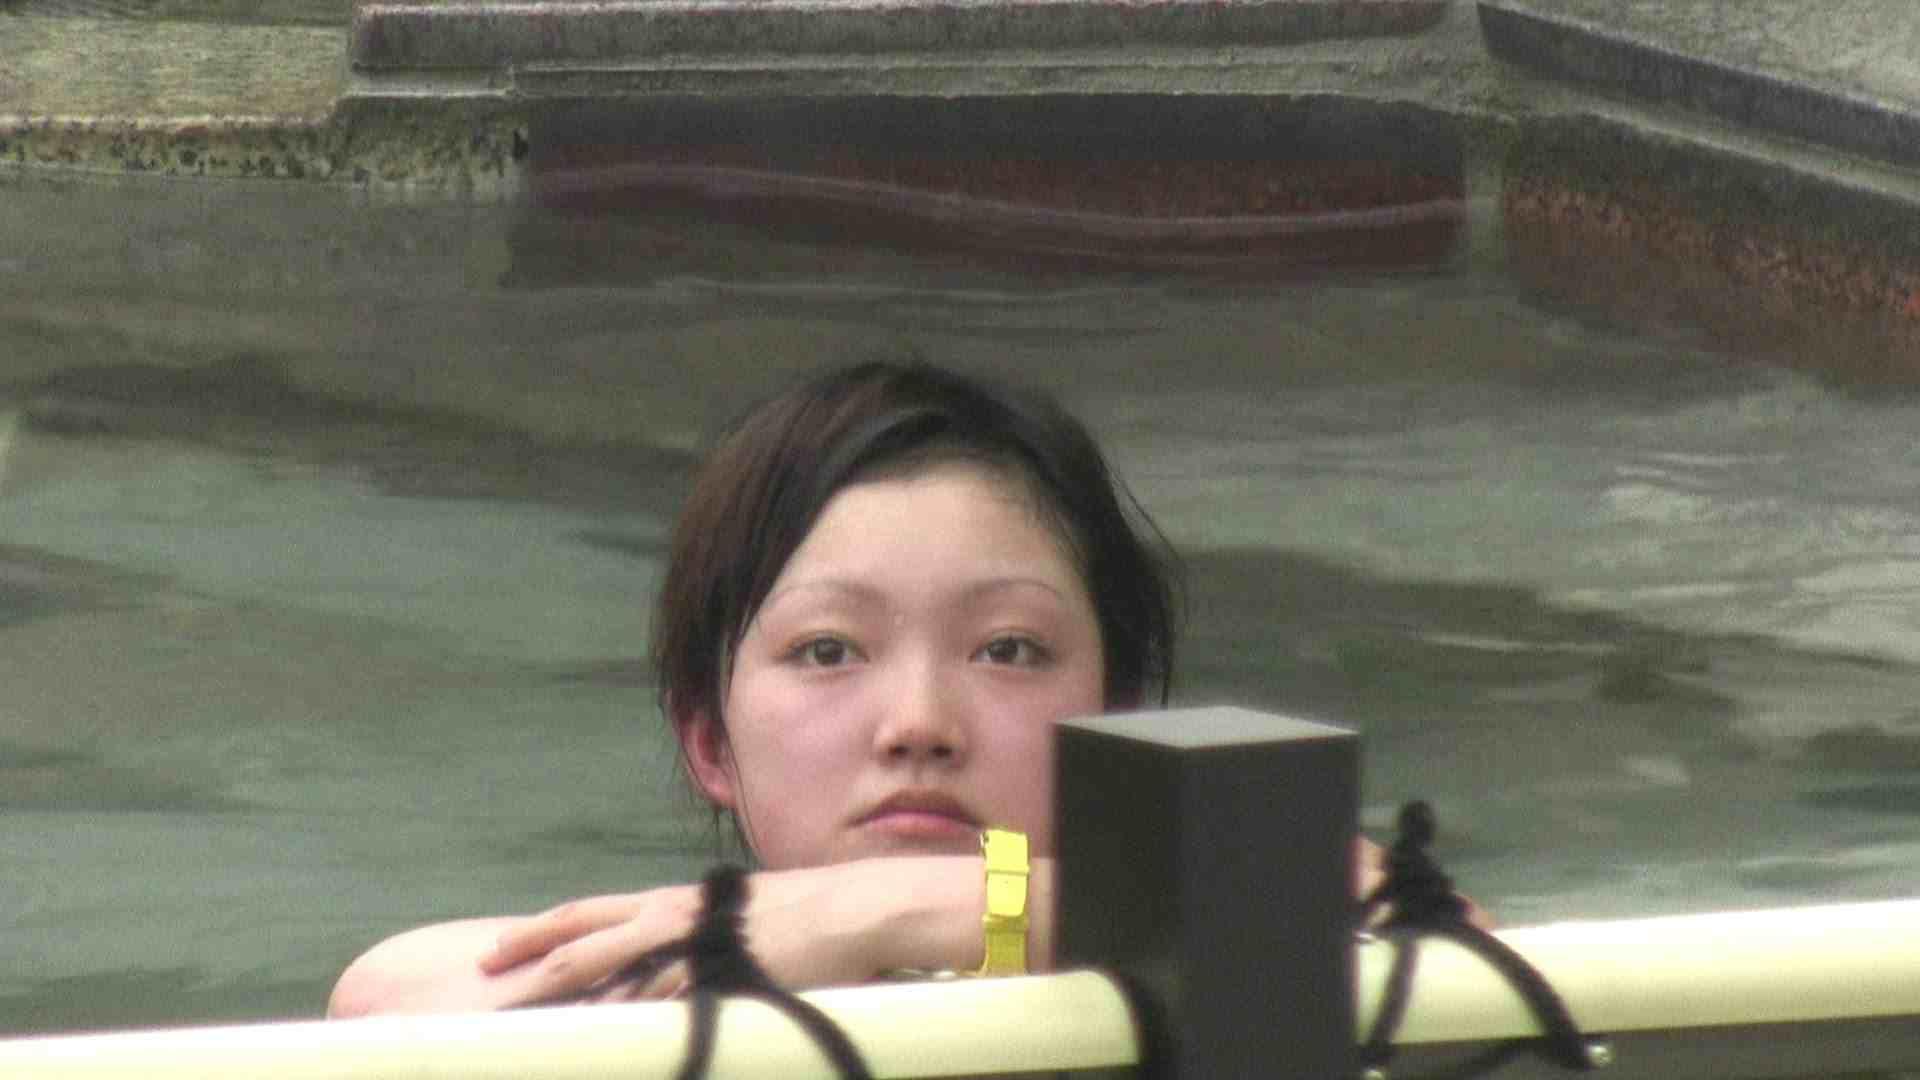 Aquaな露天風呂Vol.126 OLのエロ生活 戯れ無修正画像 72連発 38